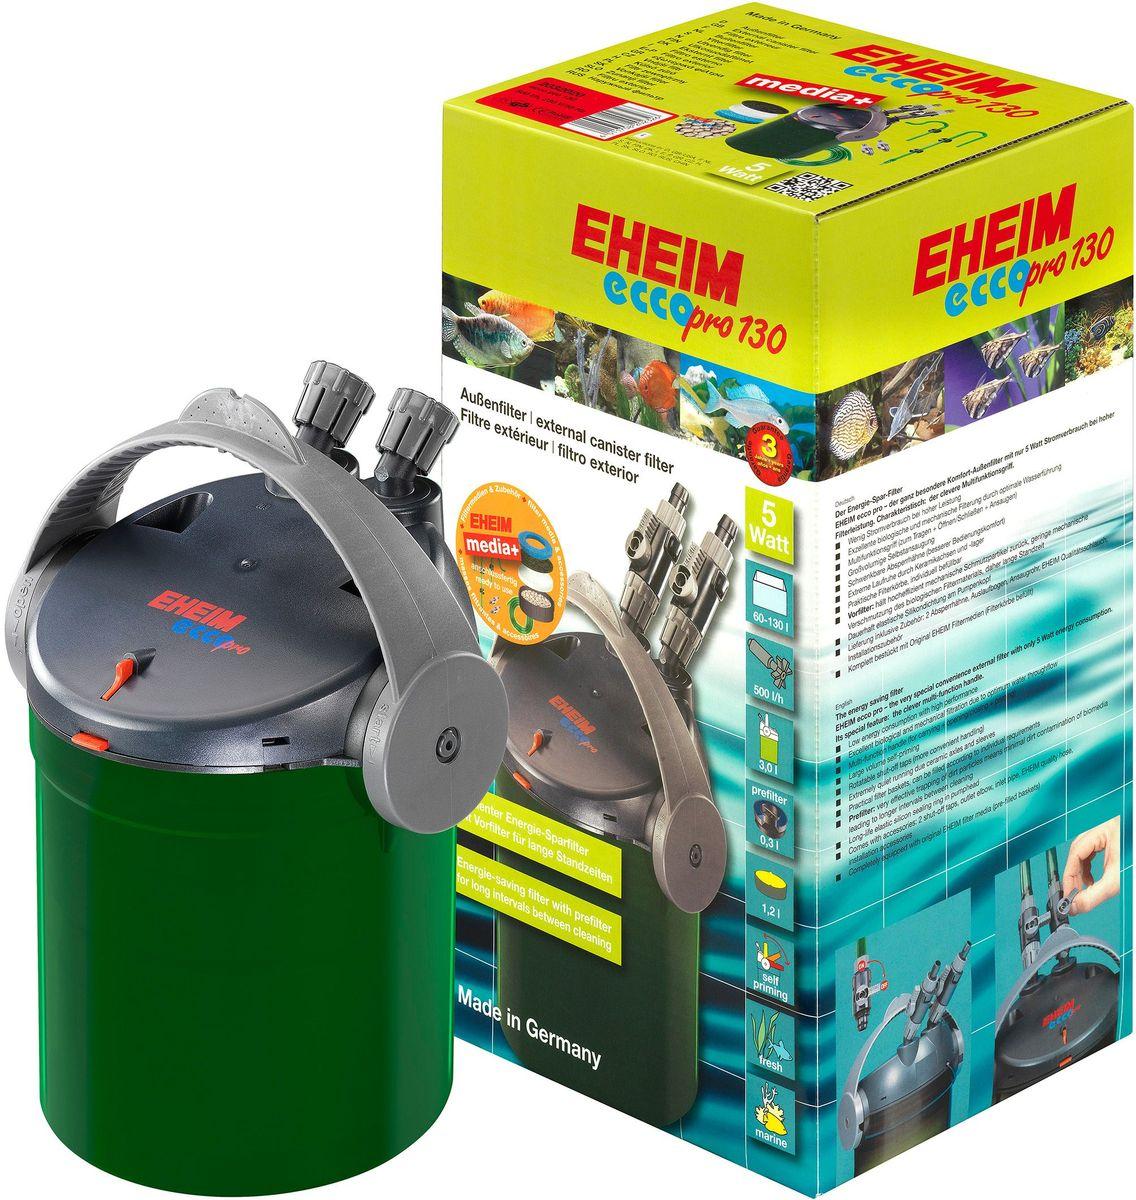 Фильтр внешний Eheim Eccopro 1300120710Проста в использовании и очень низкое энергопотребление. Оснащен контрольными и запорными клапанами, корзинами для наполнителей, предварительным фильтром и технологией автоматического всасывания, управляемой многофункциональным переключателем.